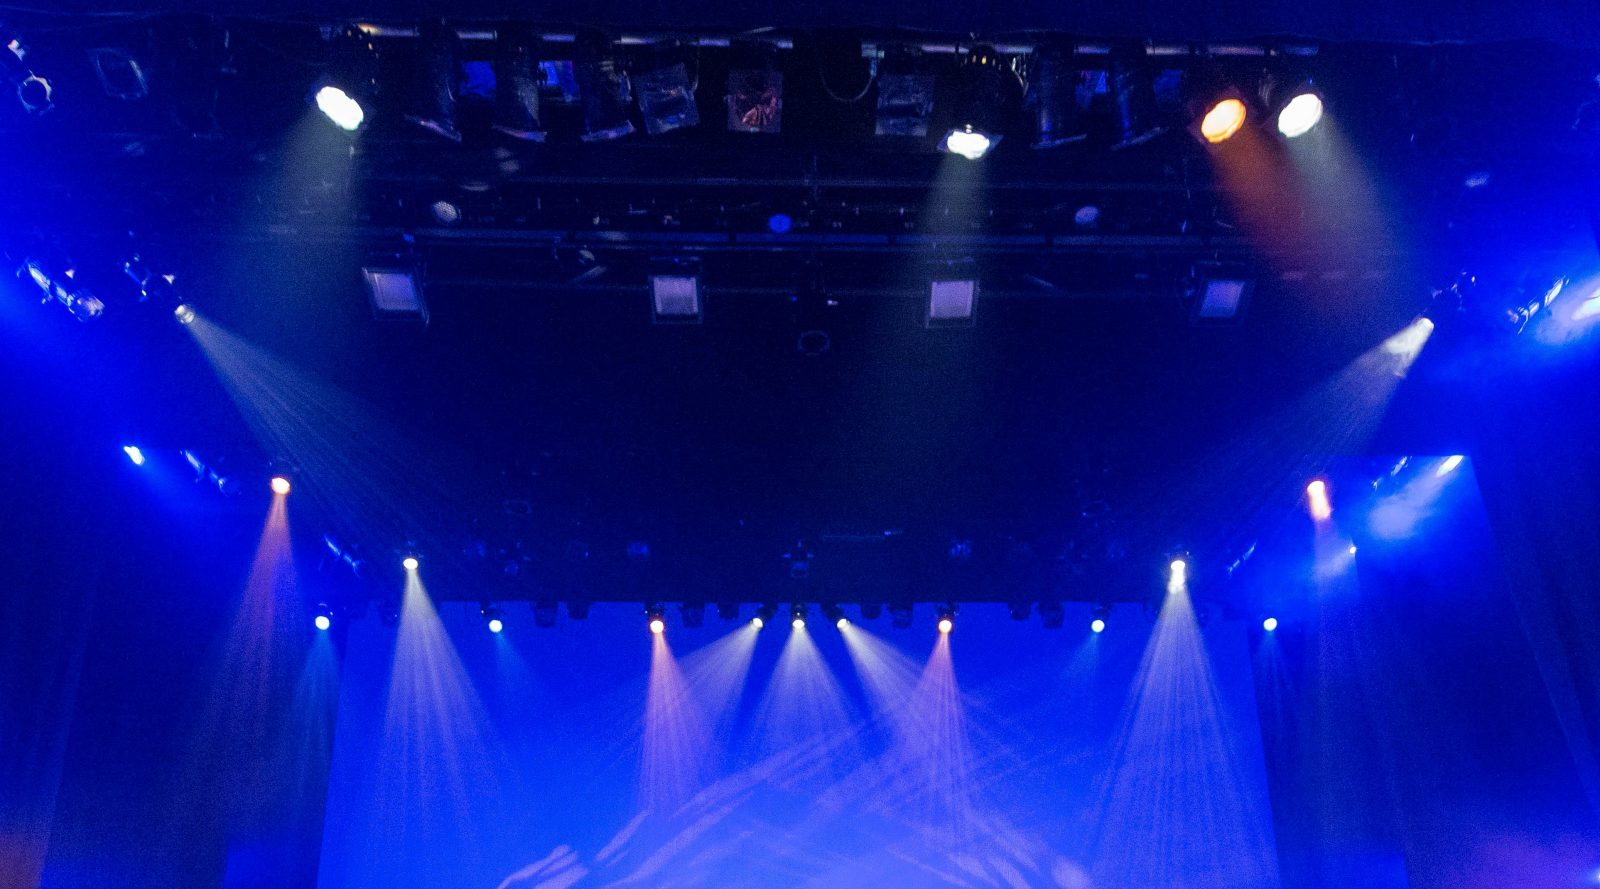 La MRC de Drummond prépare son nouveau répertoire des arts de la scène